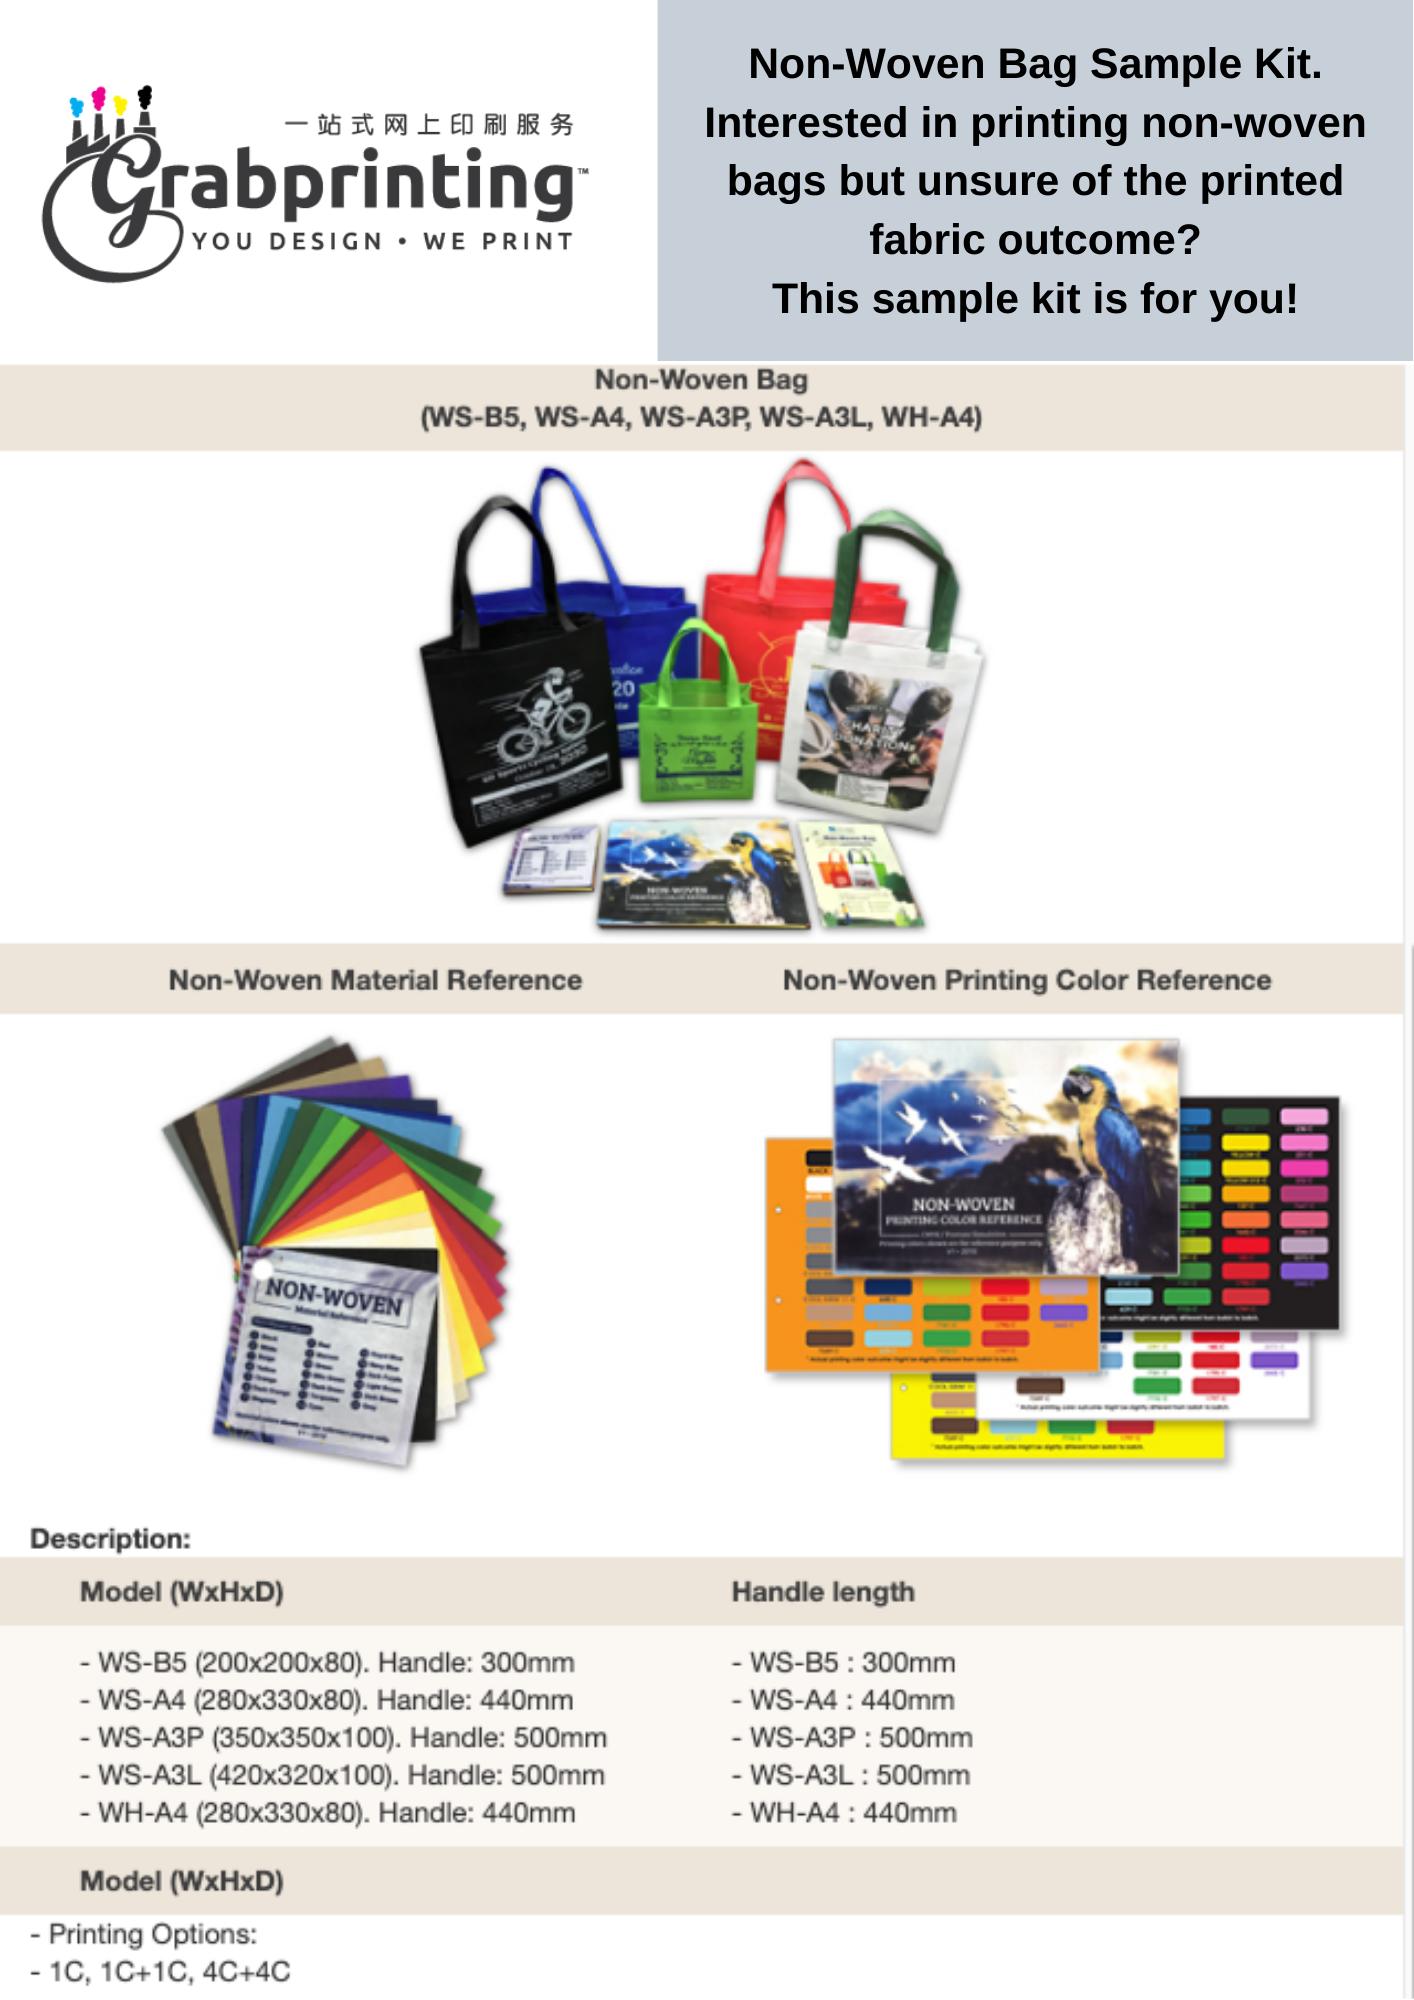 Non woven bag sample kit Non Woven Bag Sample Kit flyer size